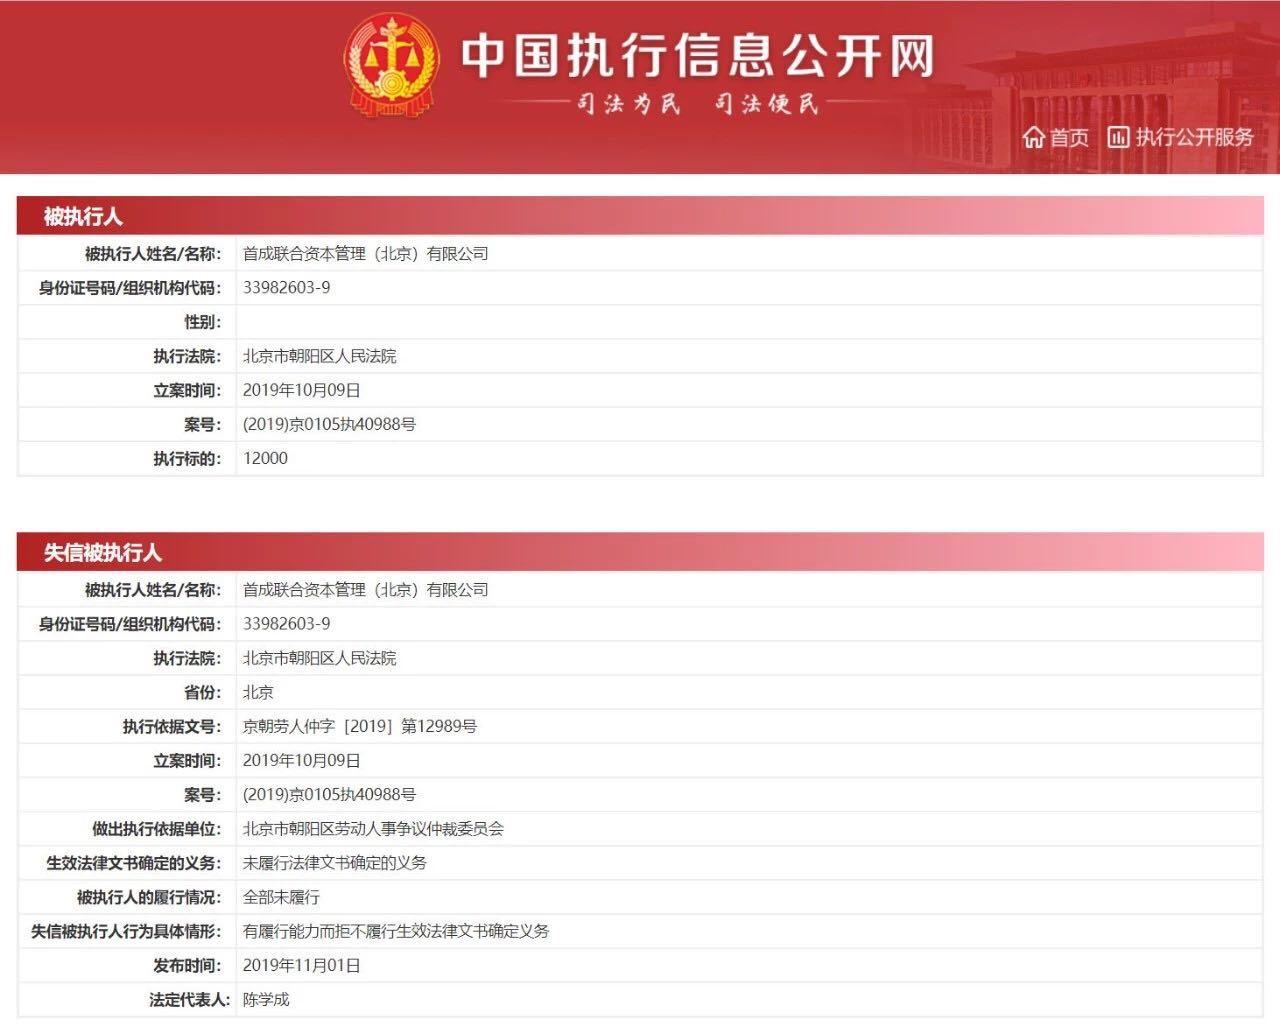 """2019中国电影""""成绩单"""":642.66亿元票房创新高"""